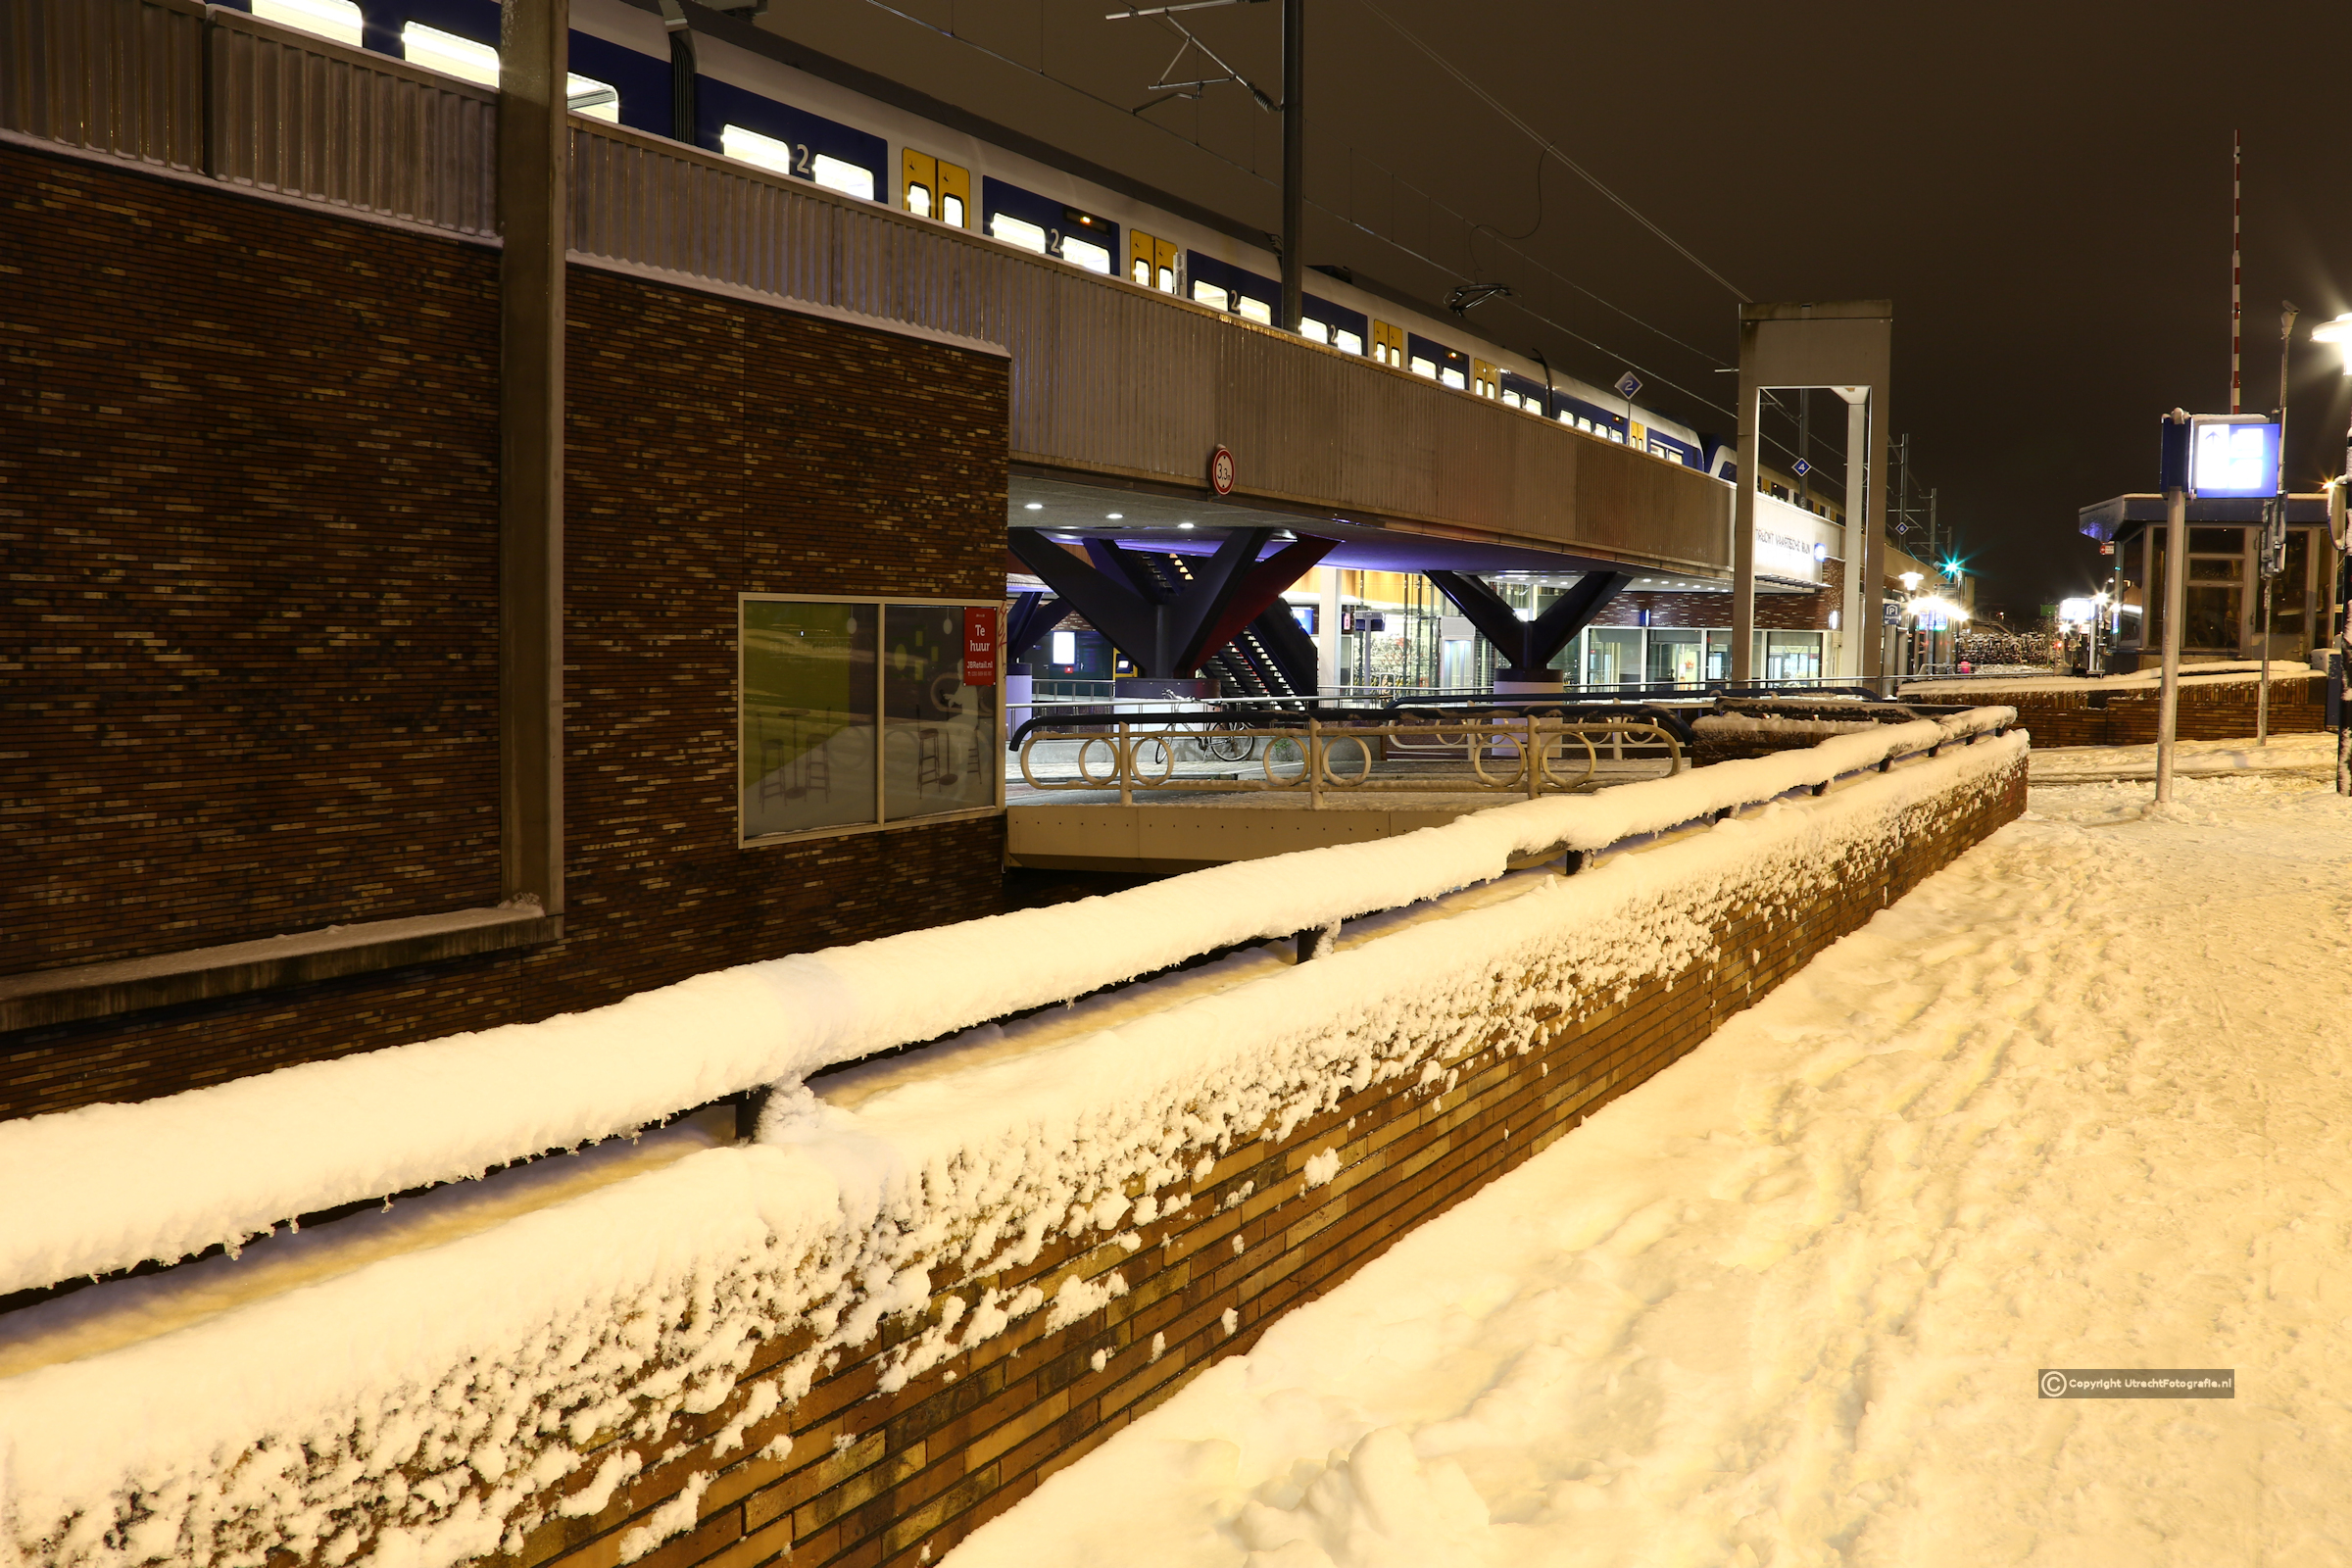 20171211 Vaartserijn station